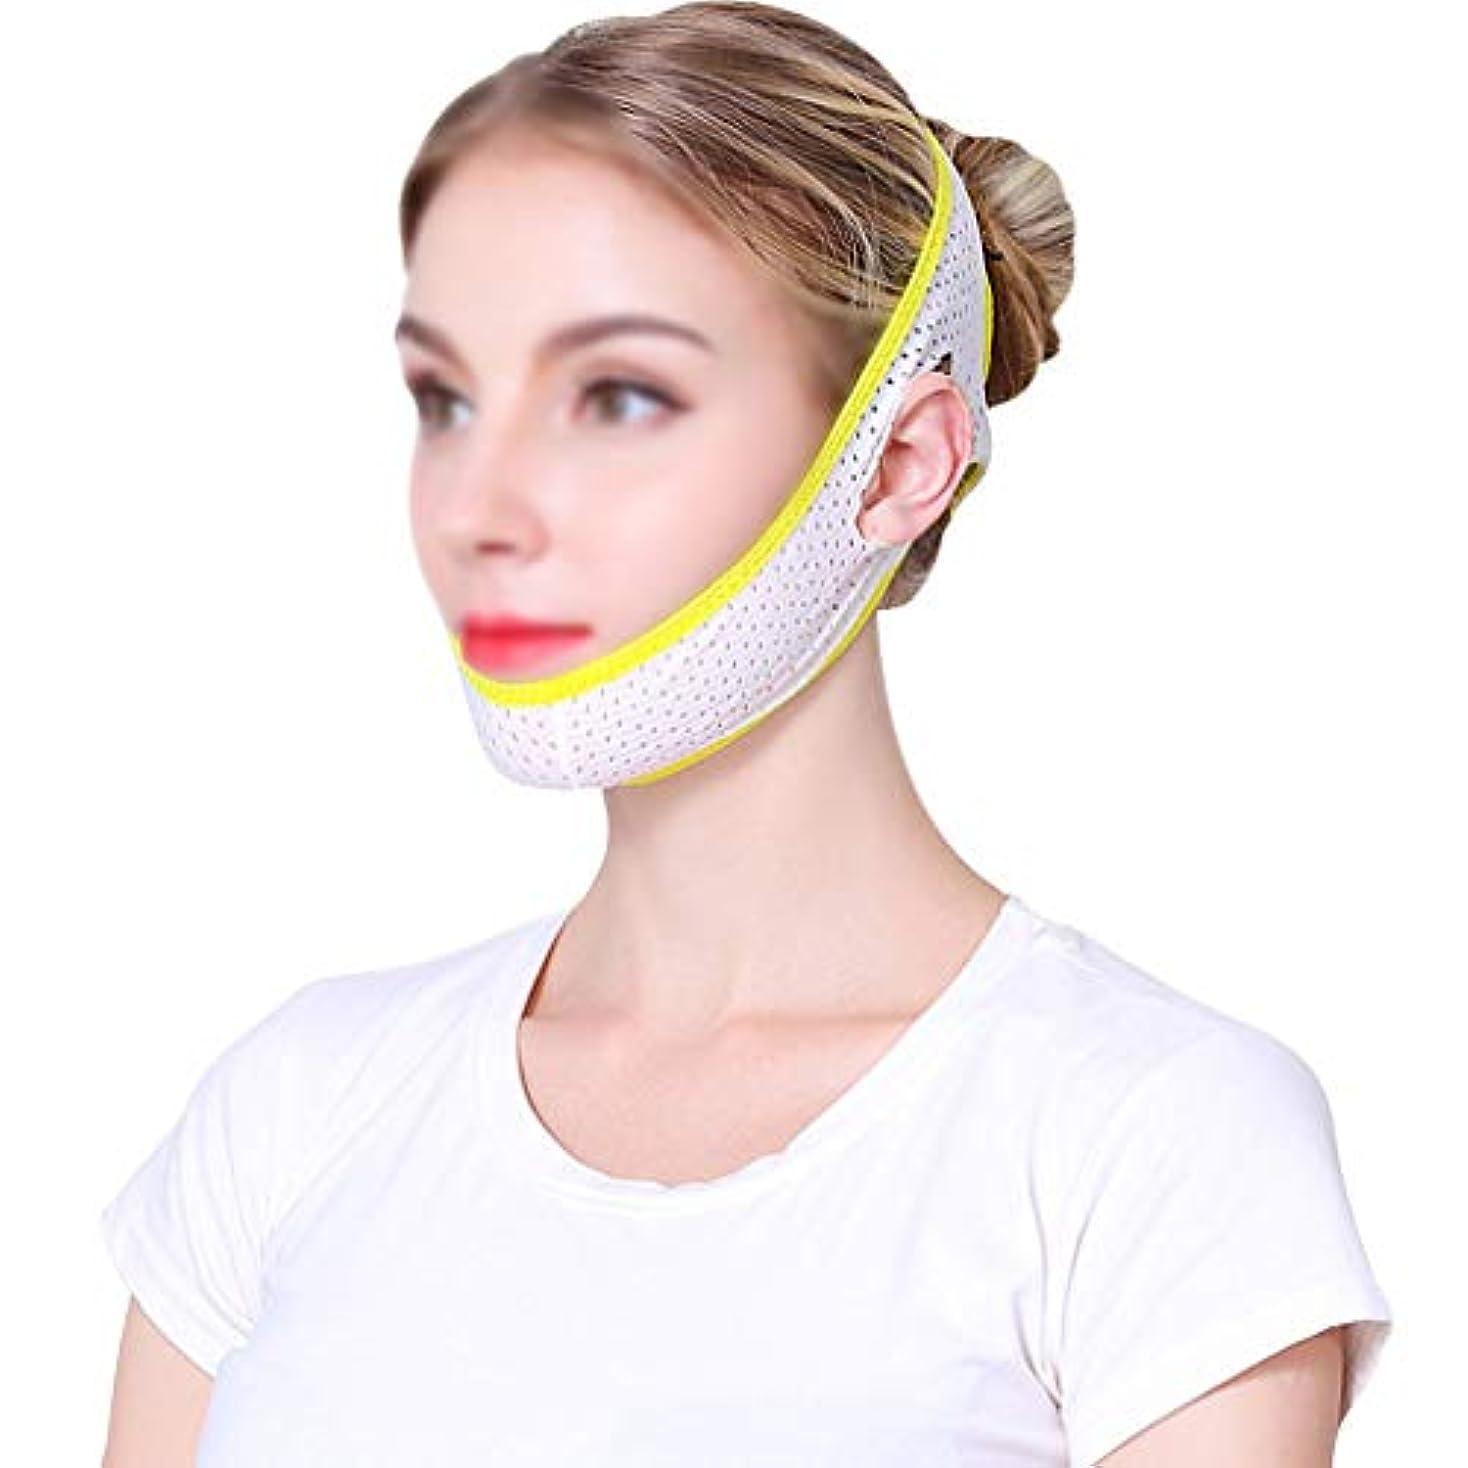 発音費用評価可能XHLMRMJ マスク包帯を持ち上げて、整形手術の夏通気性の薄いセクション二重あごストラップVフェイス薄いフェイスマスク